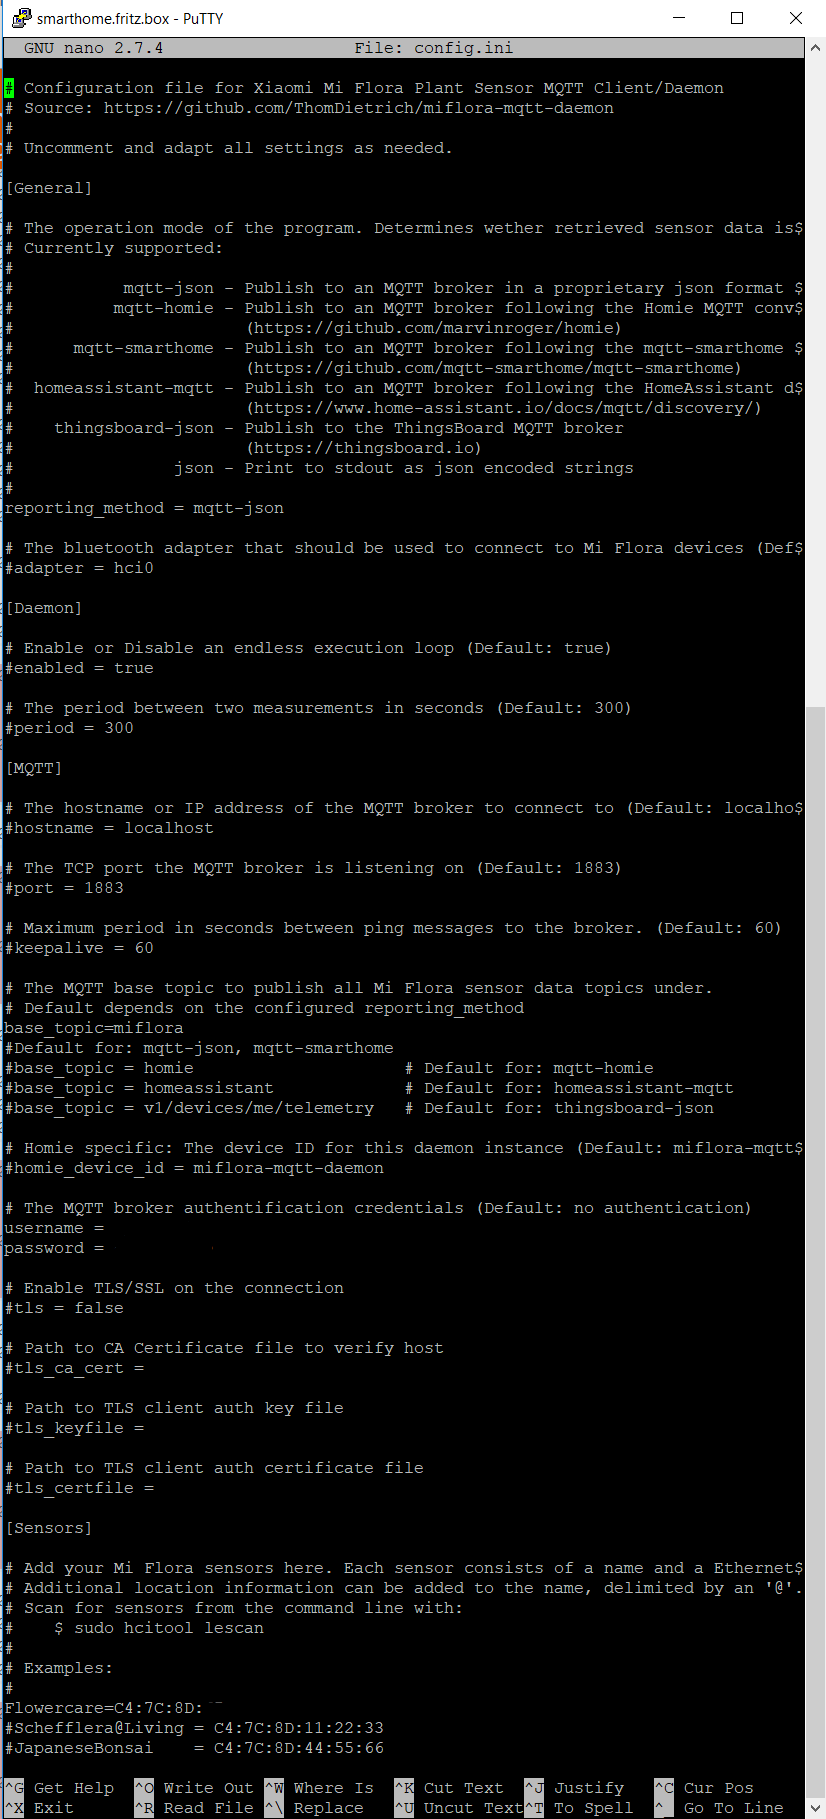 Exception when running miflora-mqtt-daemon py · Issue #69